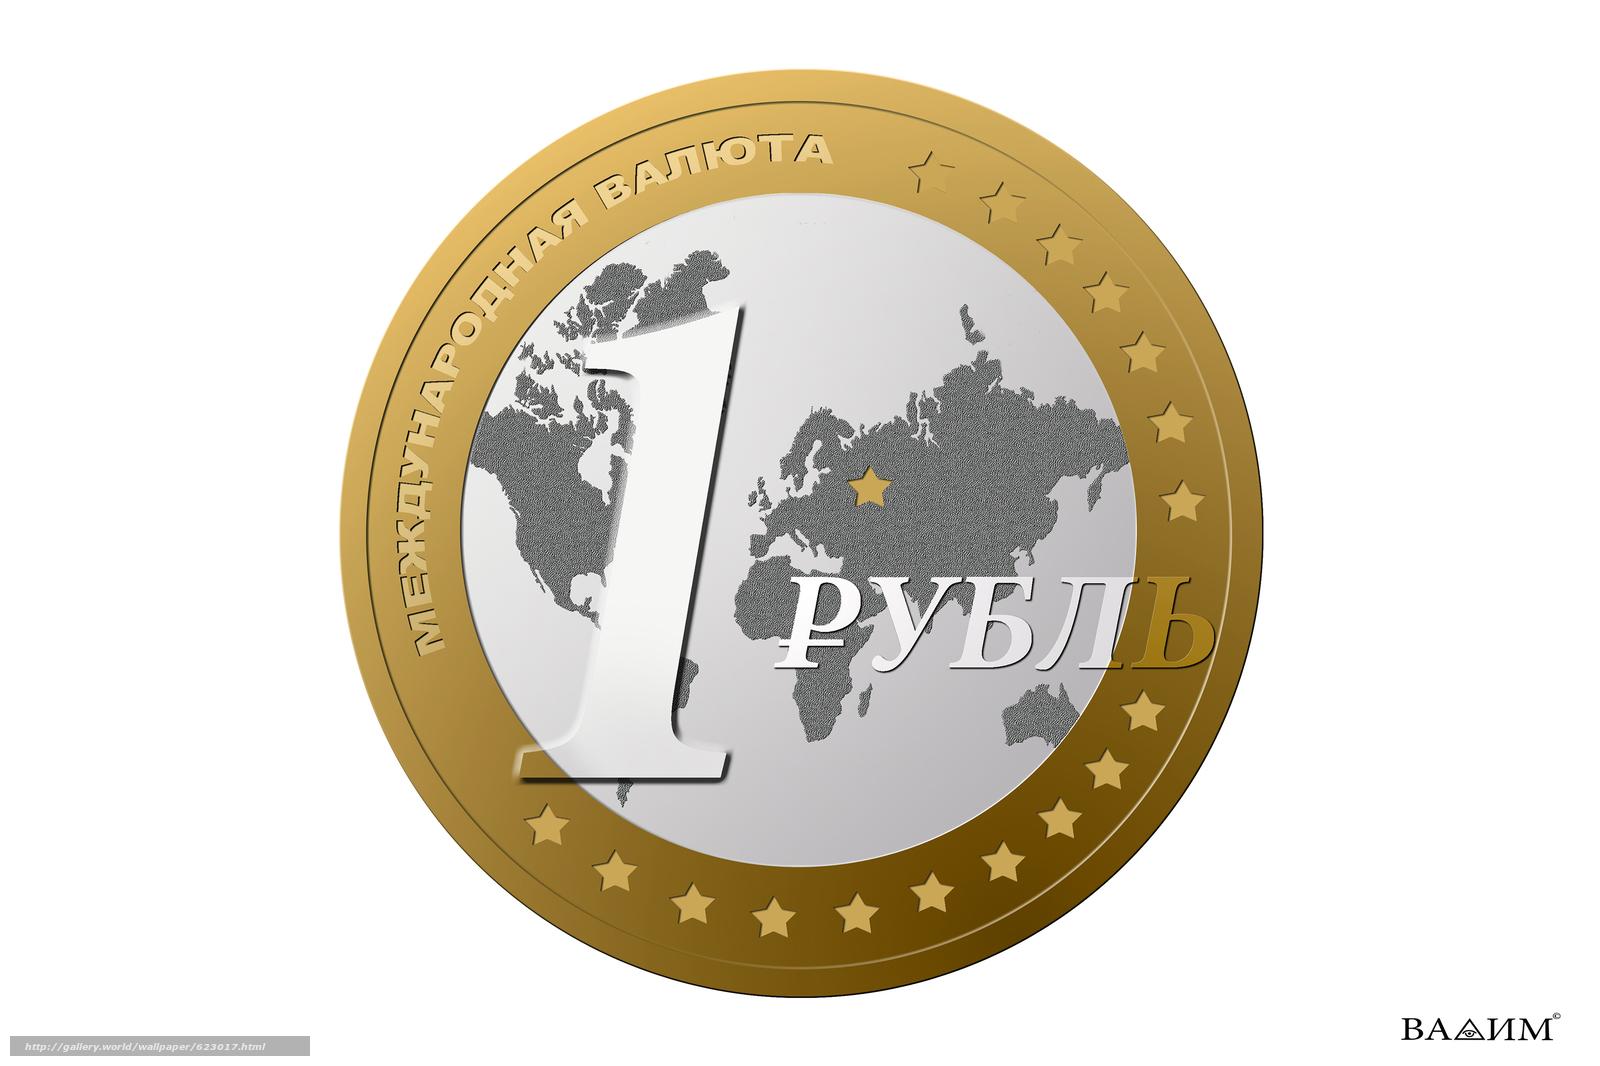 Россия, валюта, деньги, бизнес, дизайн